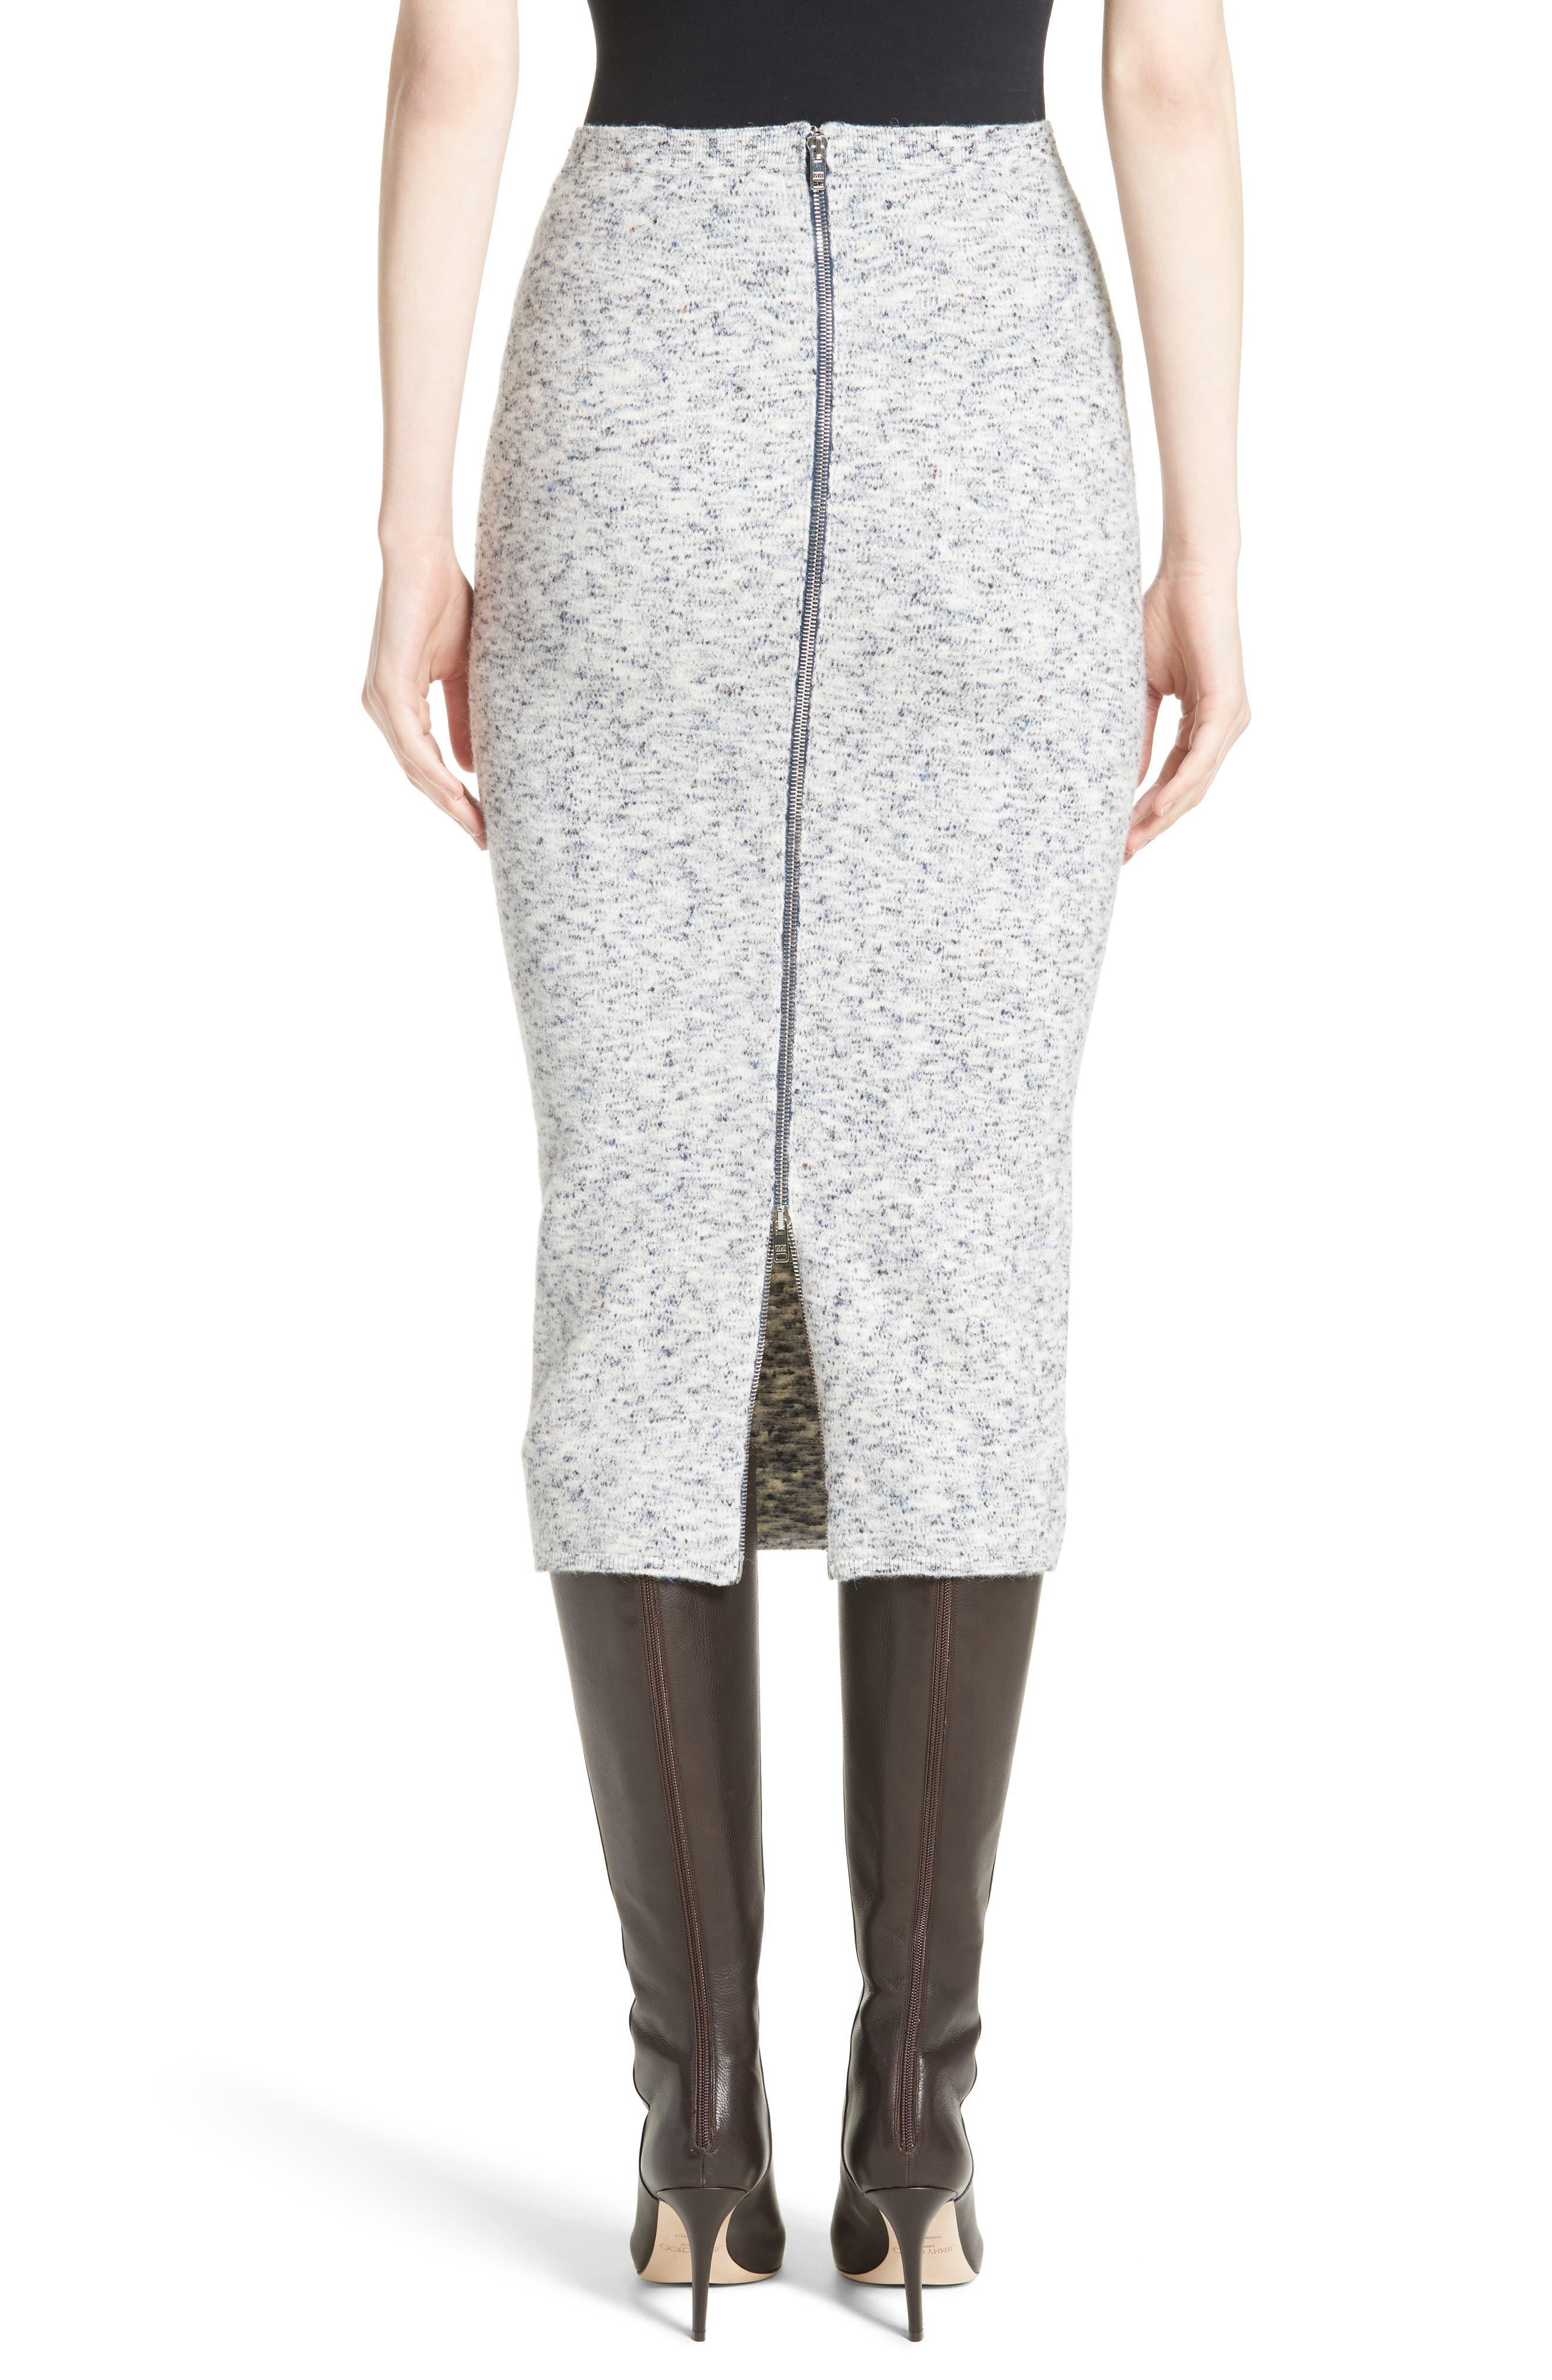 Mélange Felt Skirt,                             Alternate thumbnail 2, color,                             Multi Navy